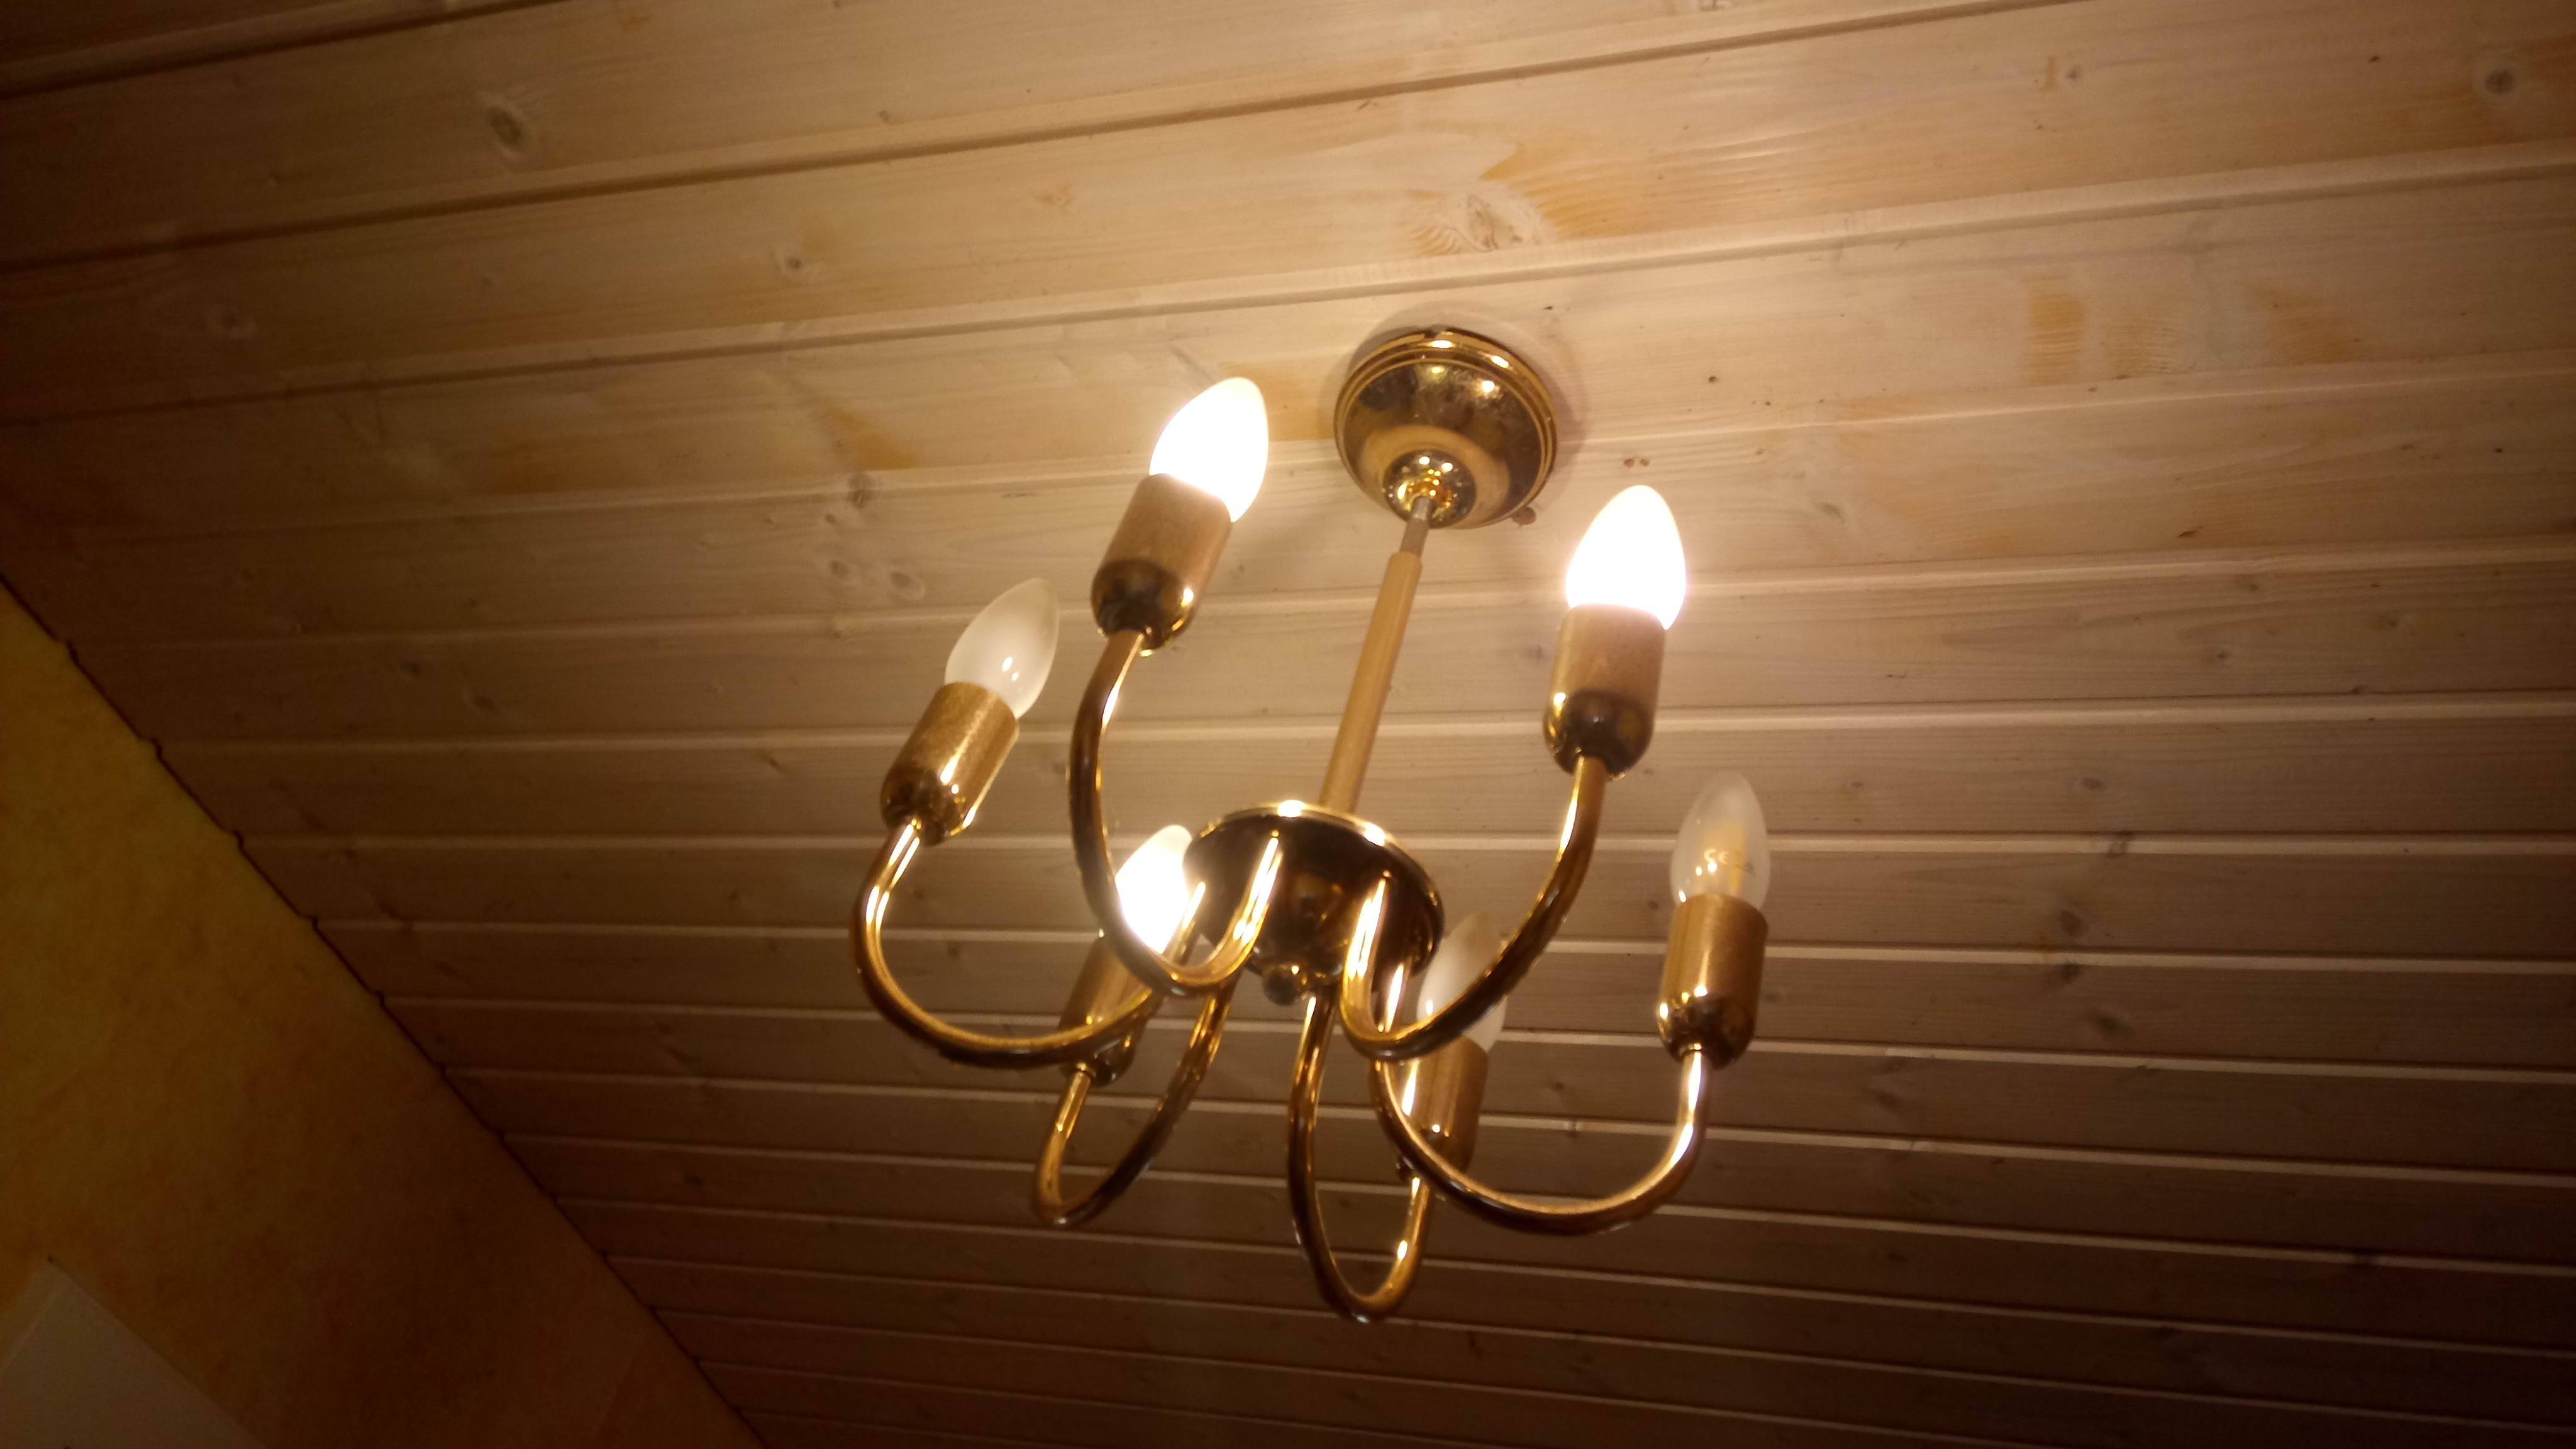 warum gehen led gl hbirnen an alten lampen so schnell. Black Bedroom Furniture Sets. Home Design Ideas